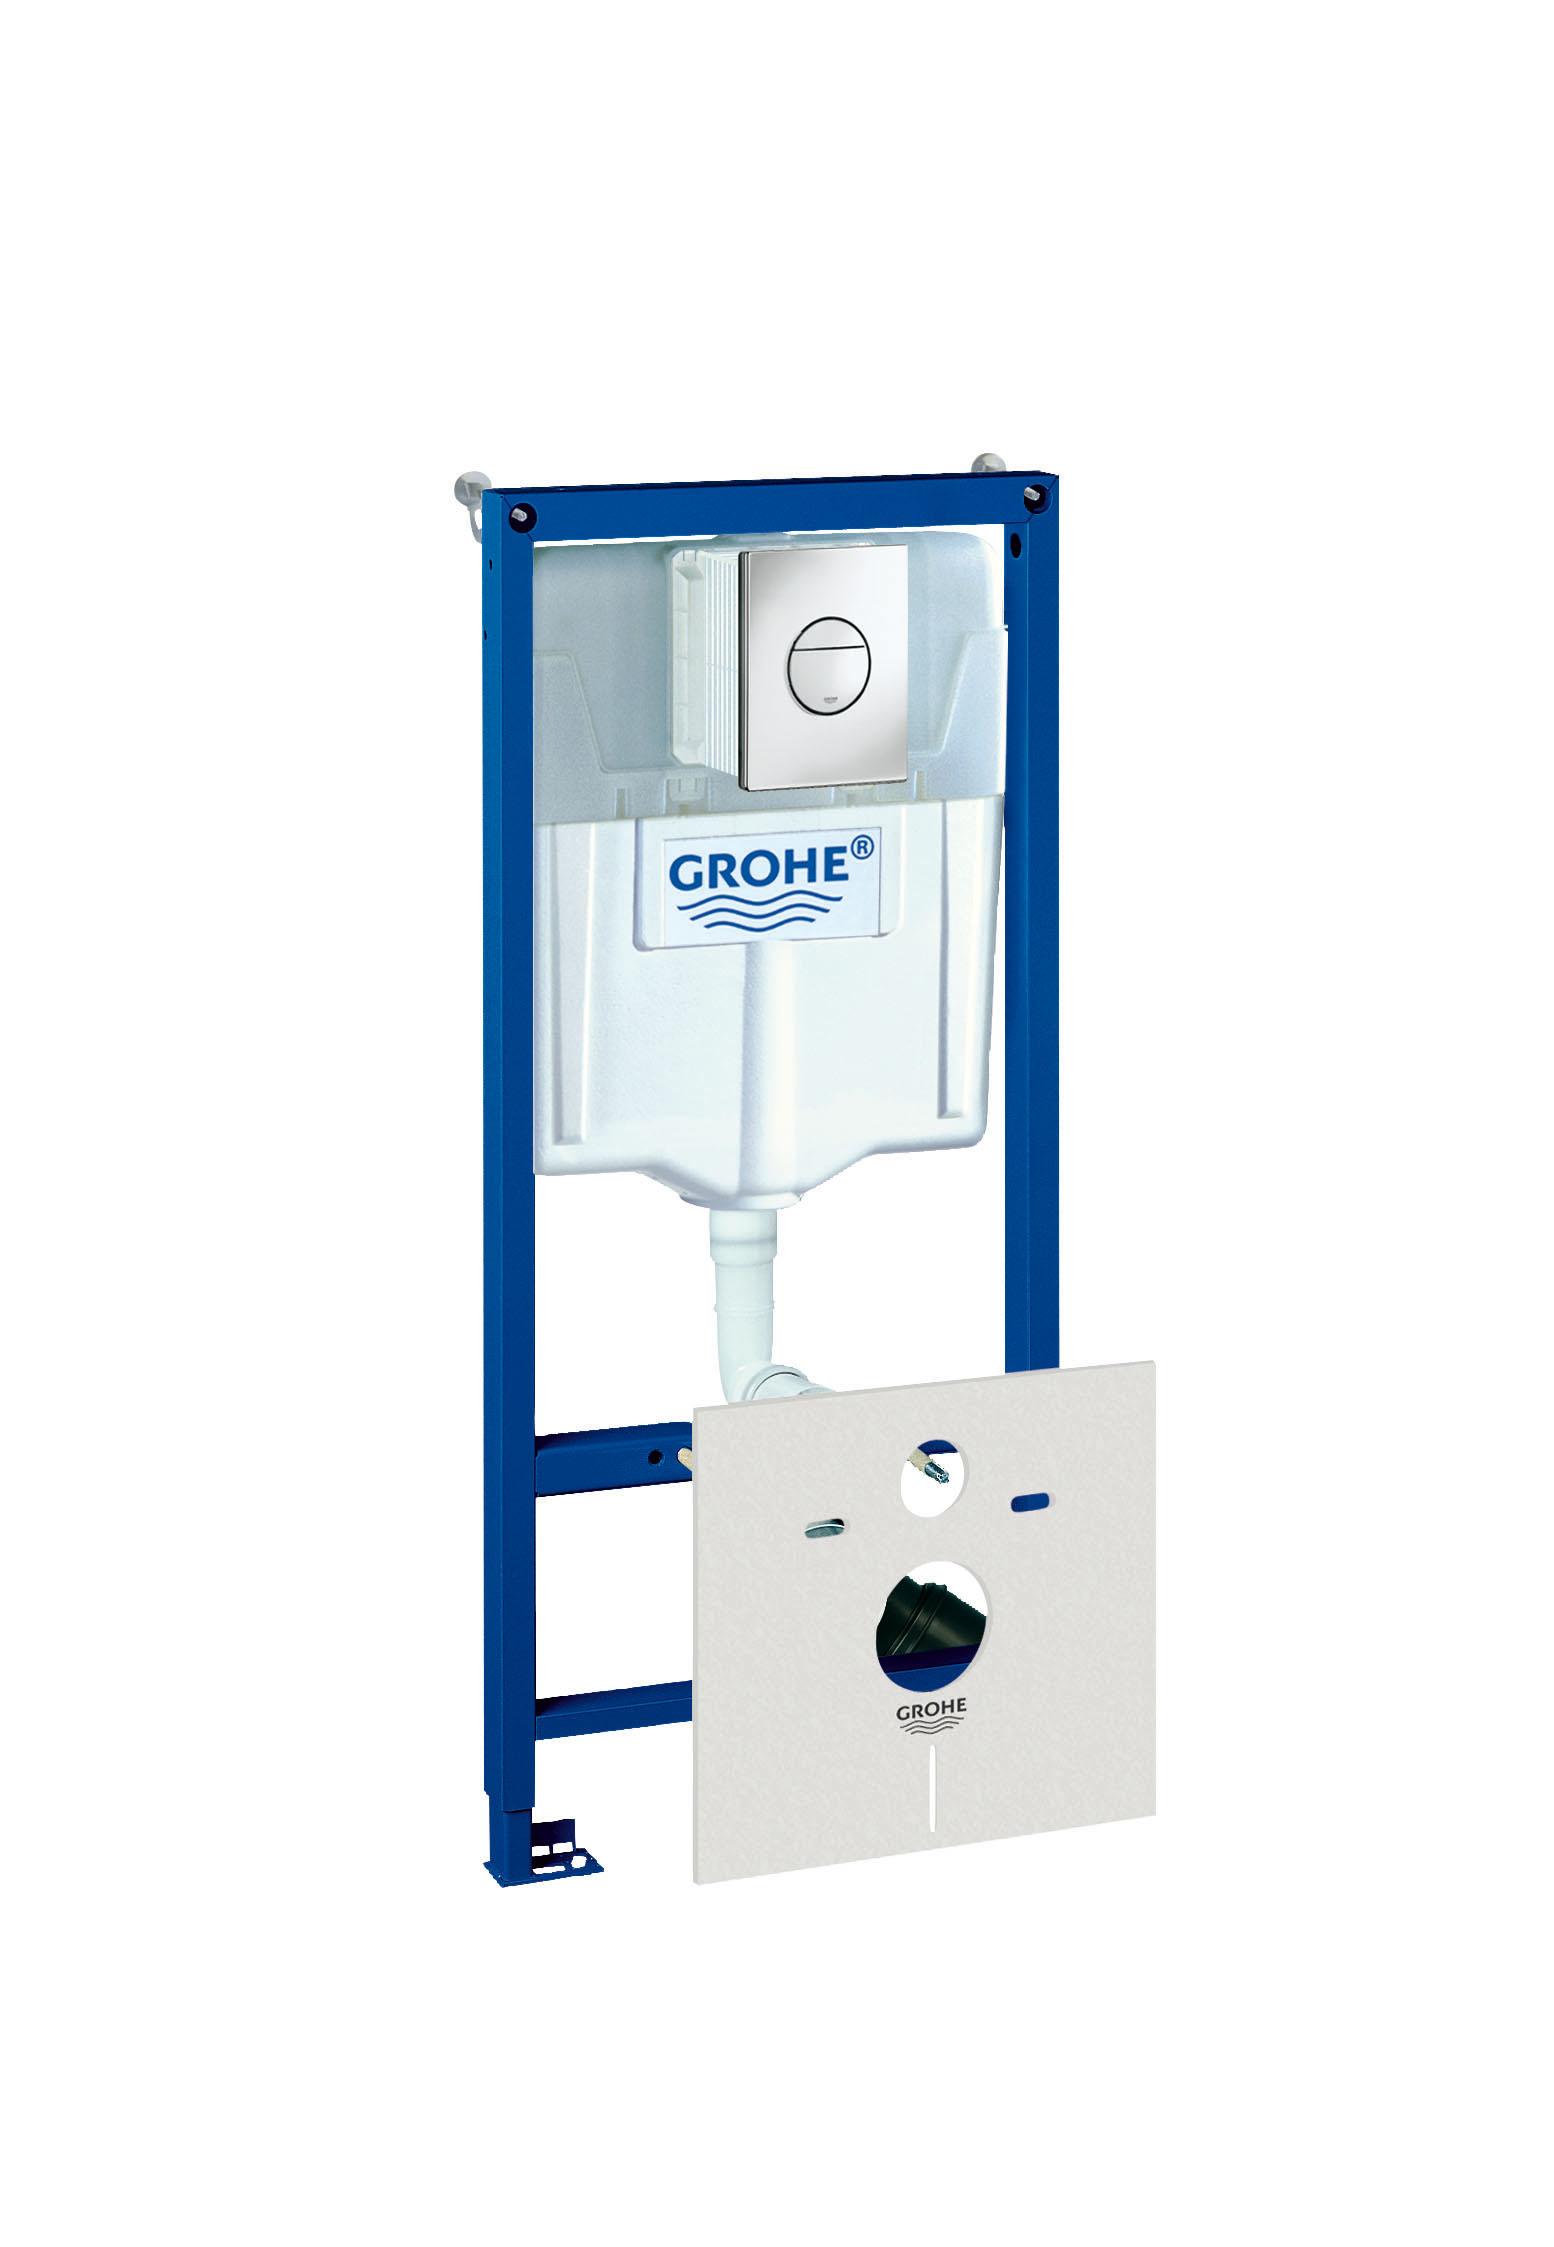 купить Инсталляция для унитаза Grohe Rapid sl 4 в 1 38813001 онлайн